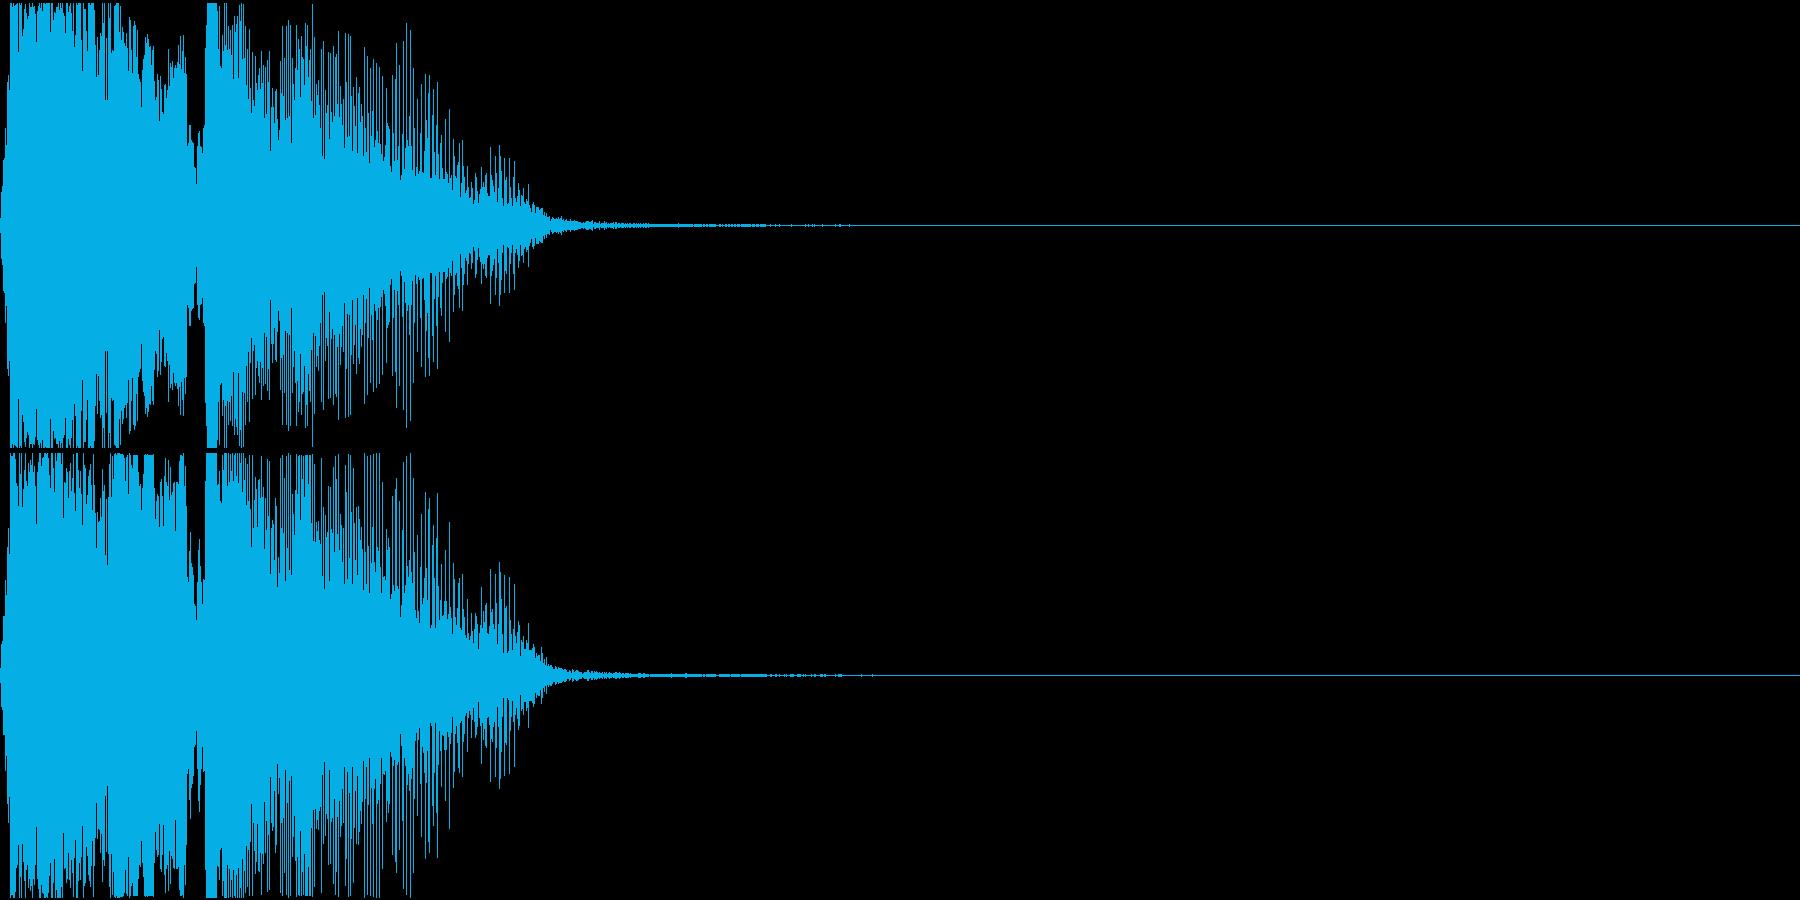 「ショータイム!」ゲーム・アプリ用の再生済みの波形